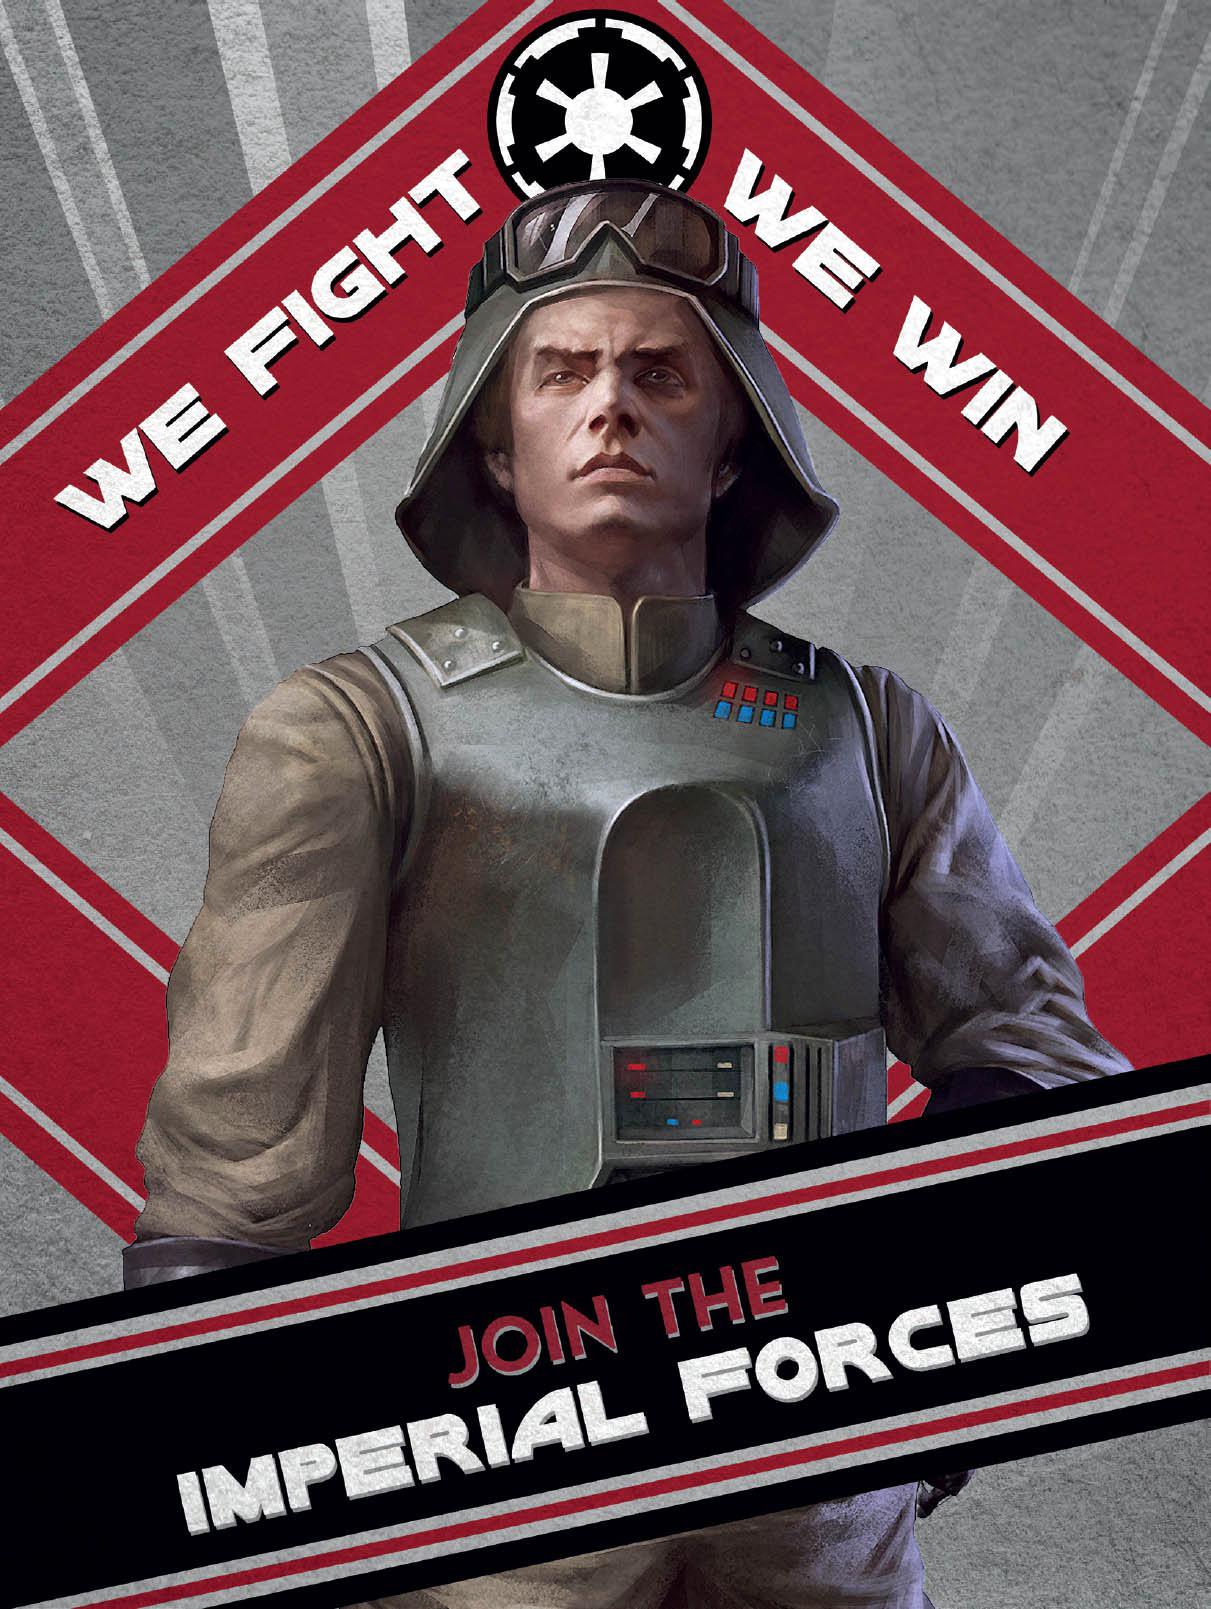 戦い、そして勝つ